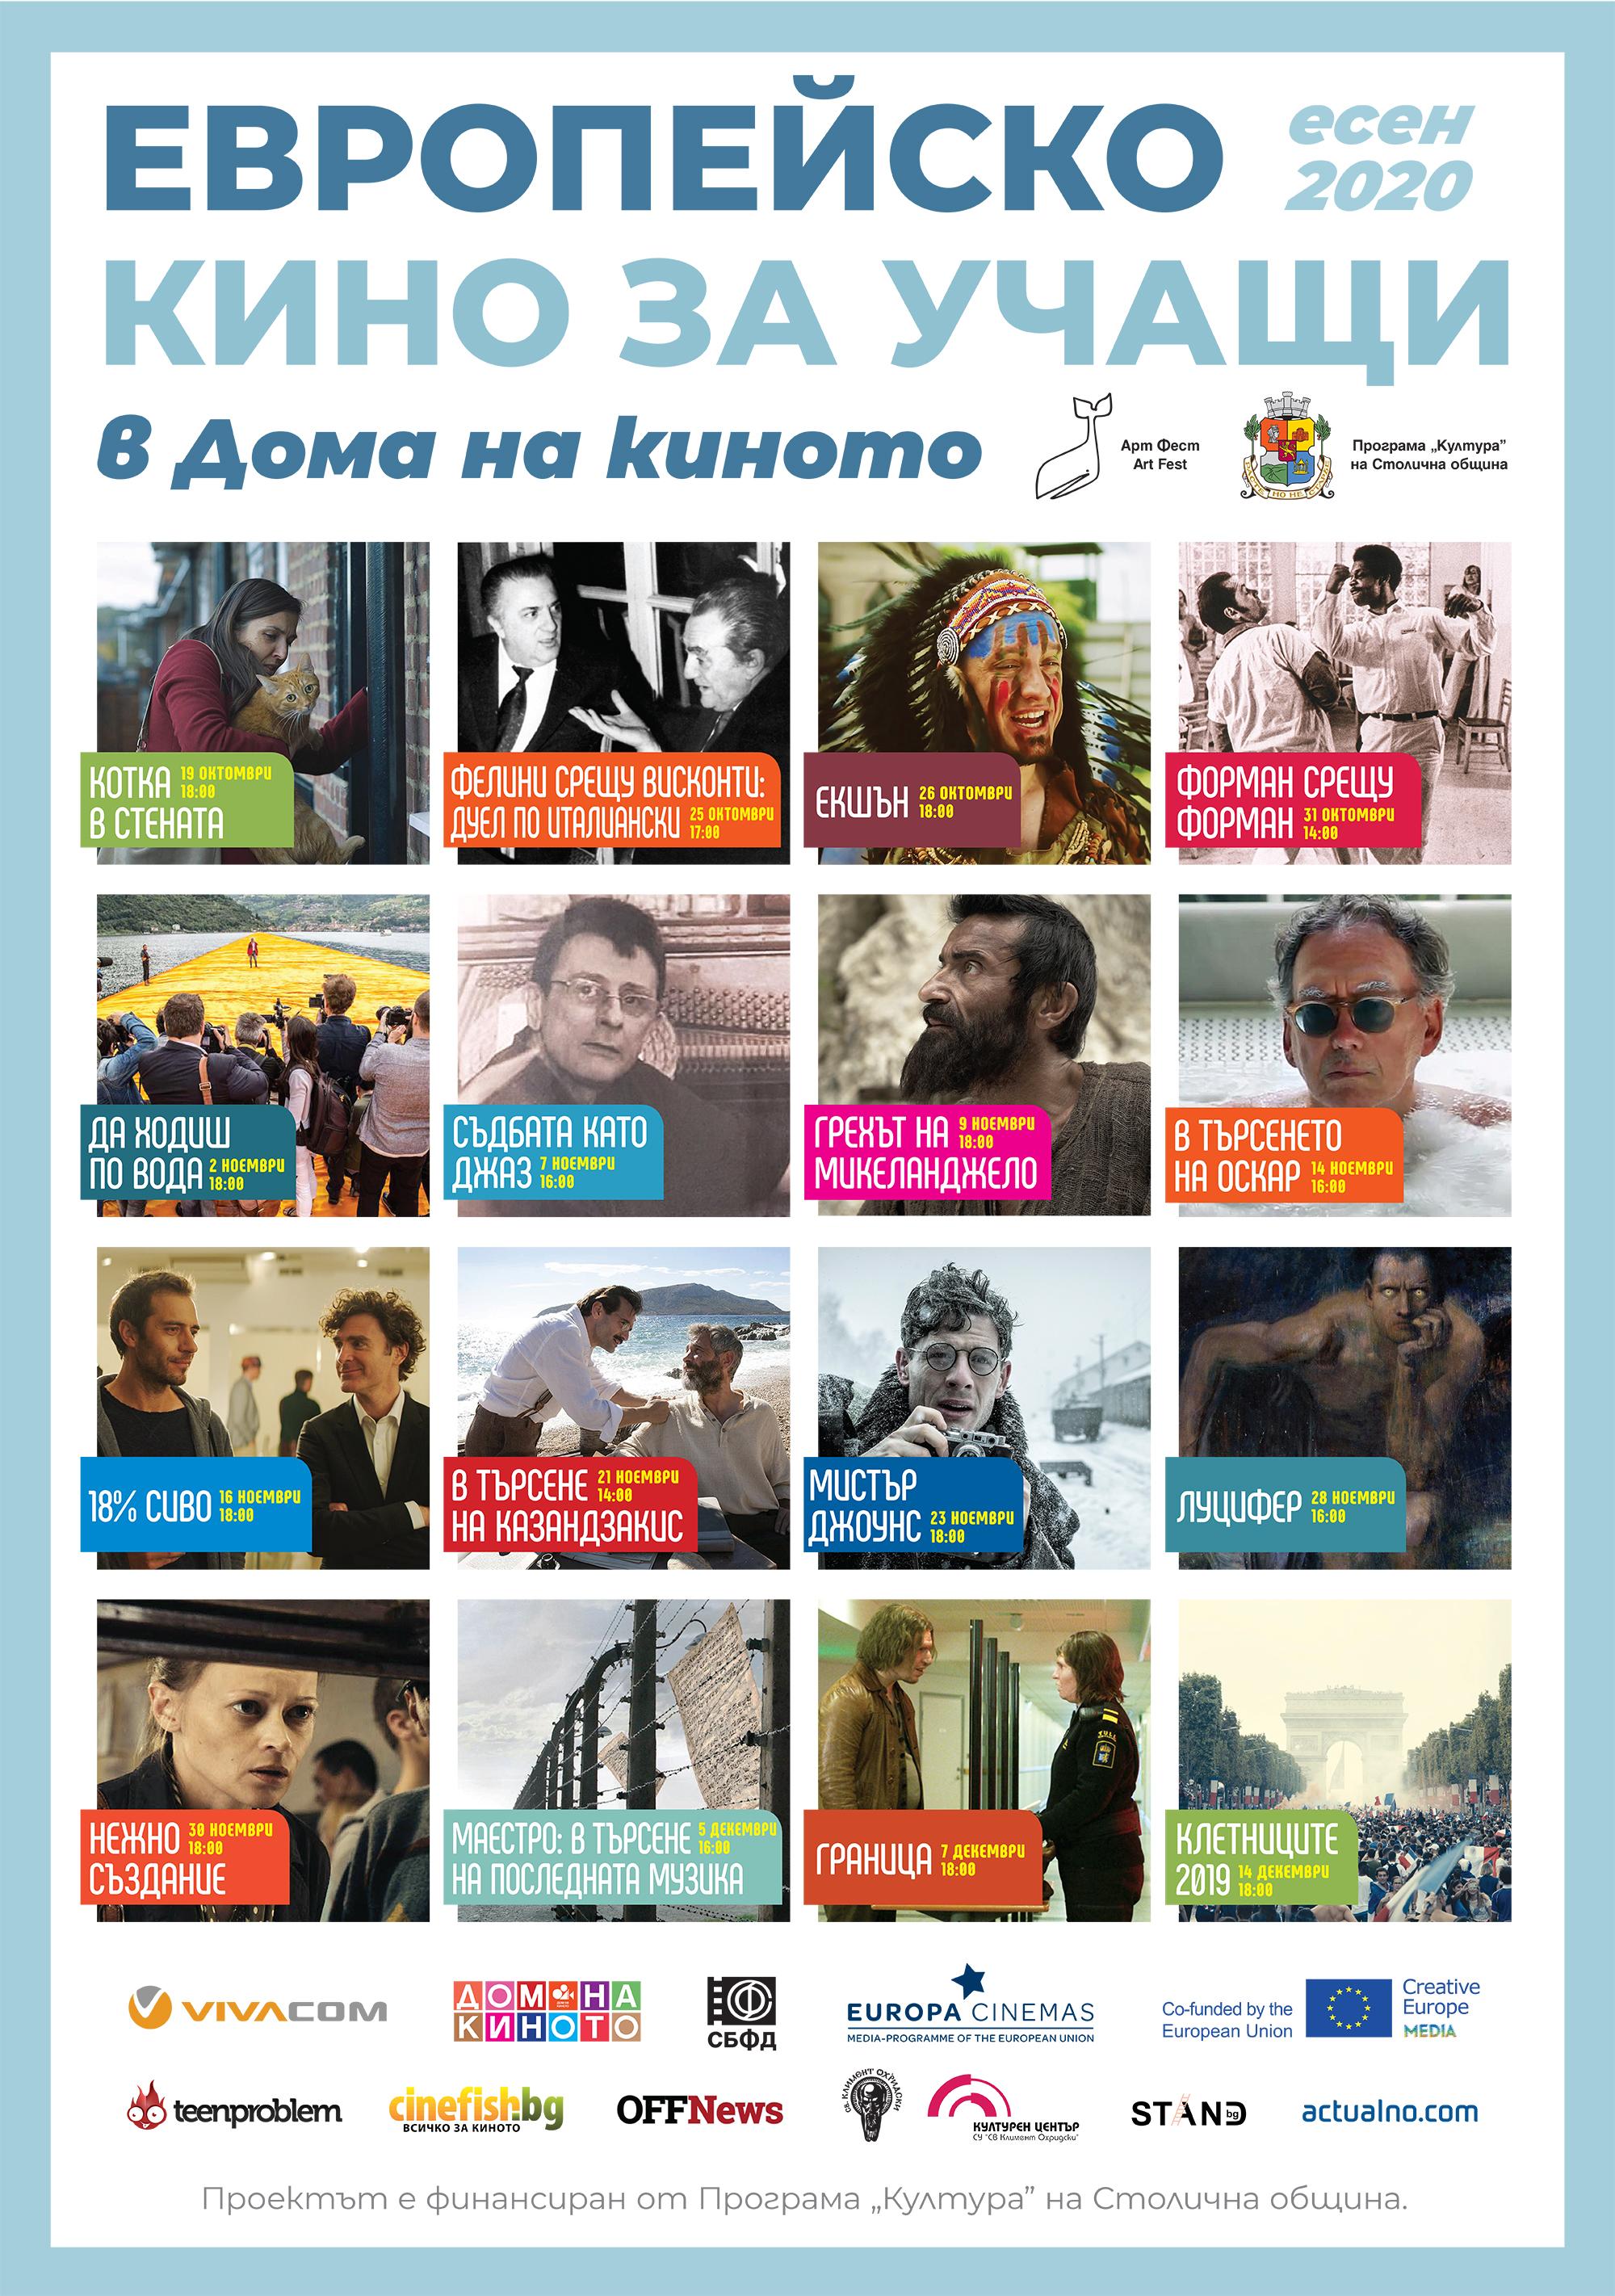 ЕВРОПЕЙСКО КИНО ЗА УЧАЩИ - есенен семестър 2020